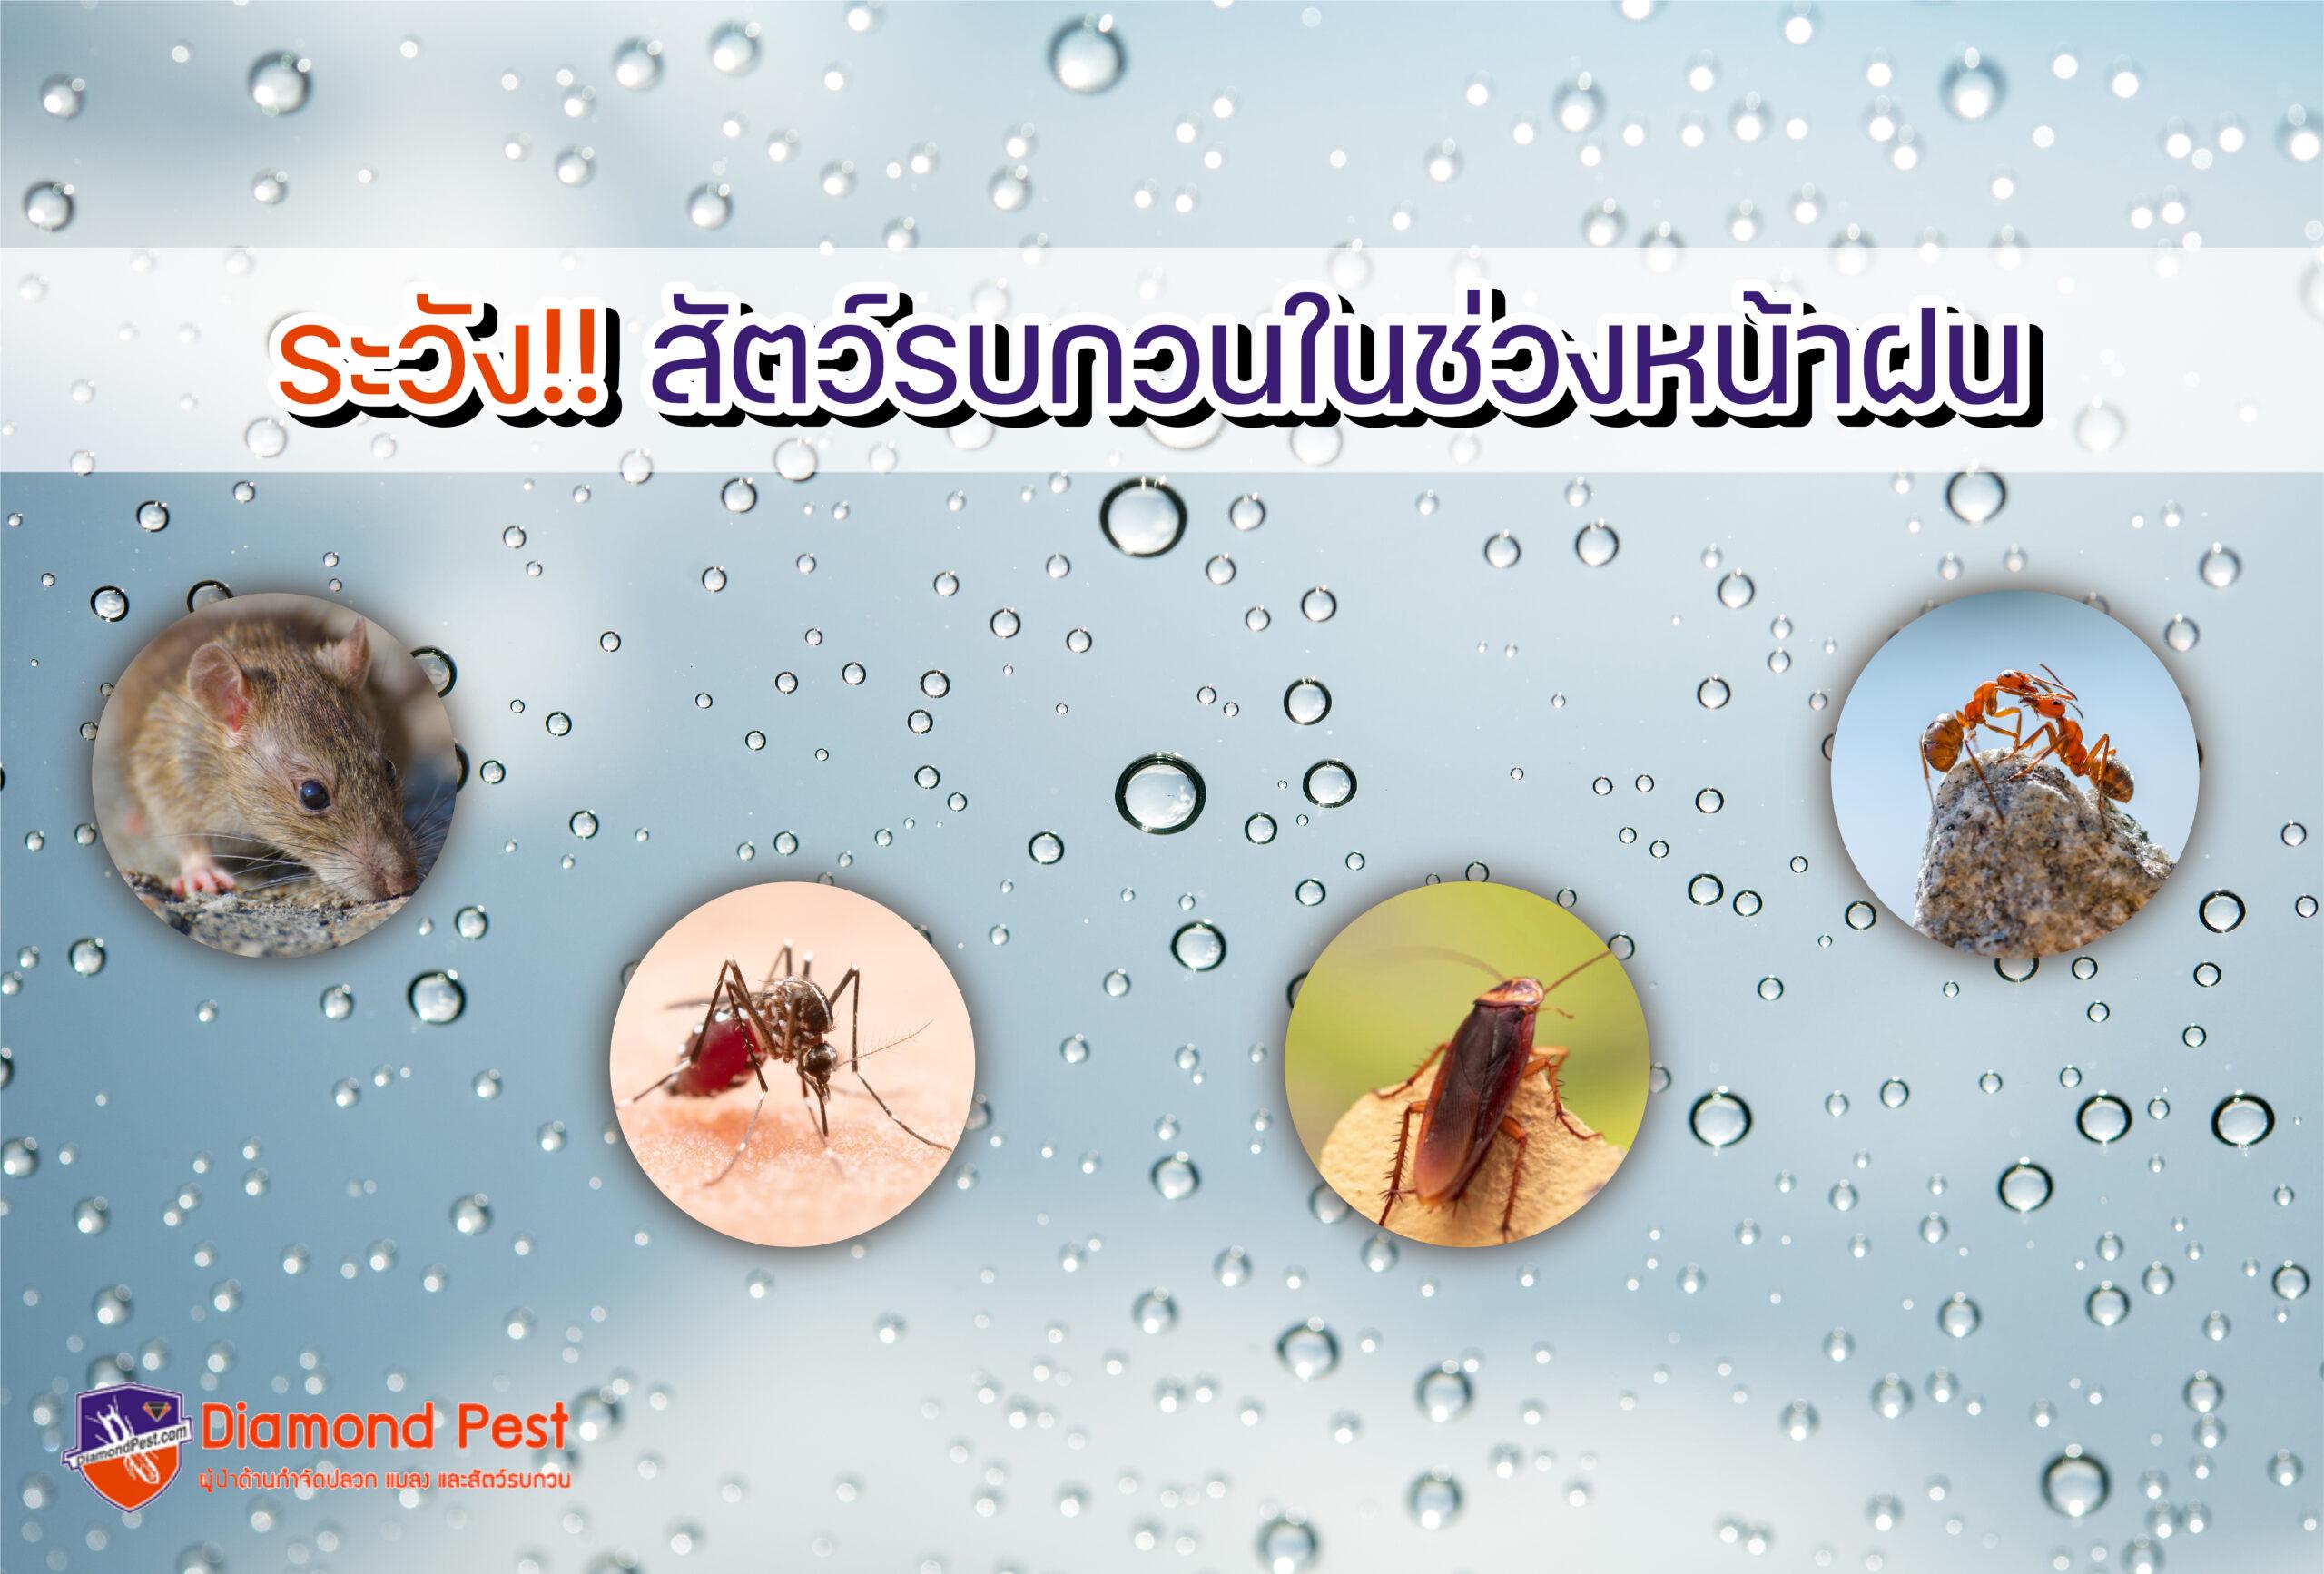 ระวังสัตว์รบกวนช่วงหน้าฝน